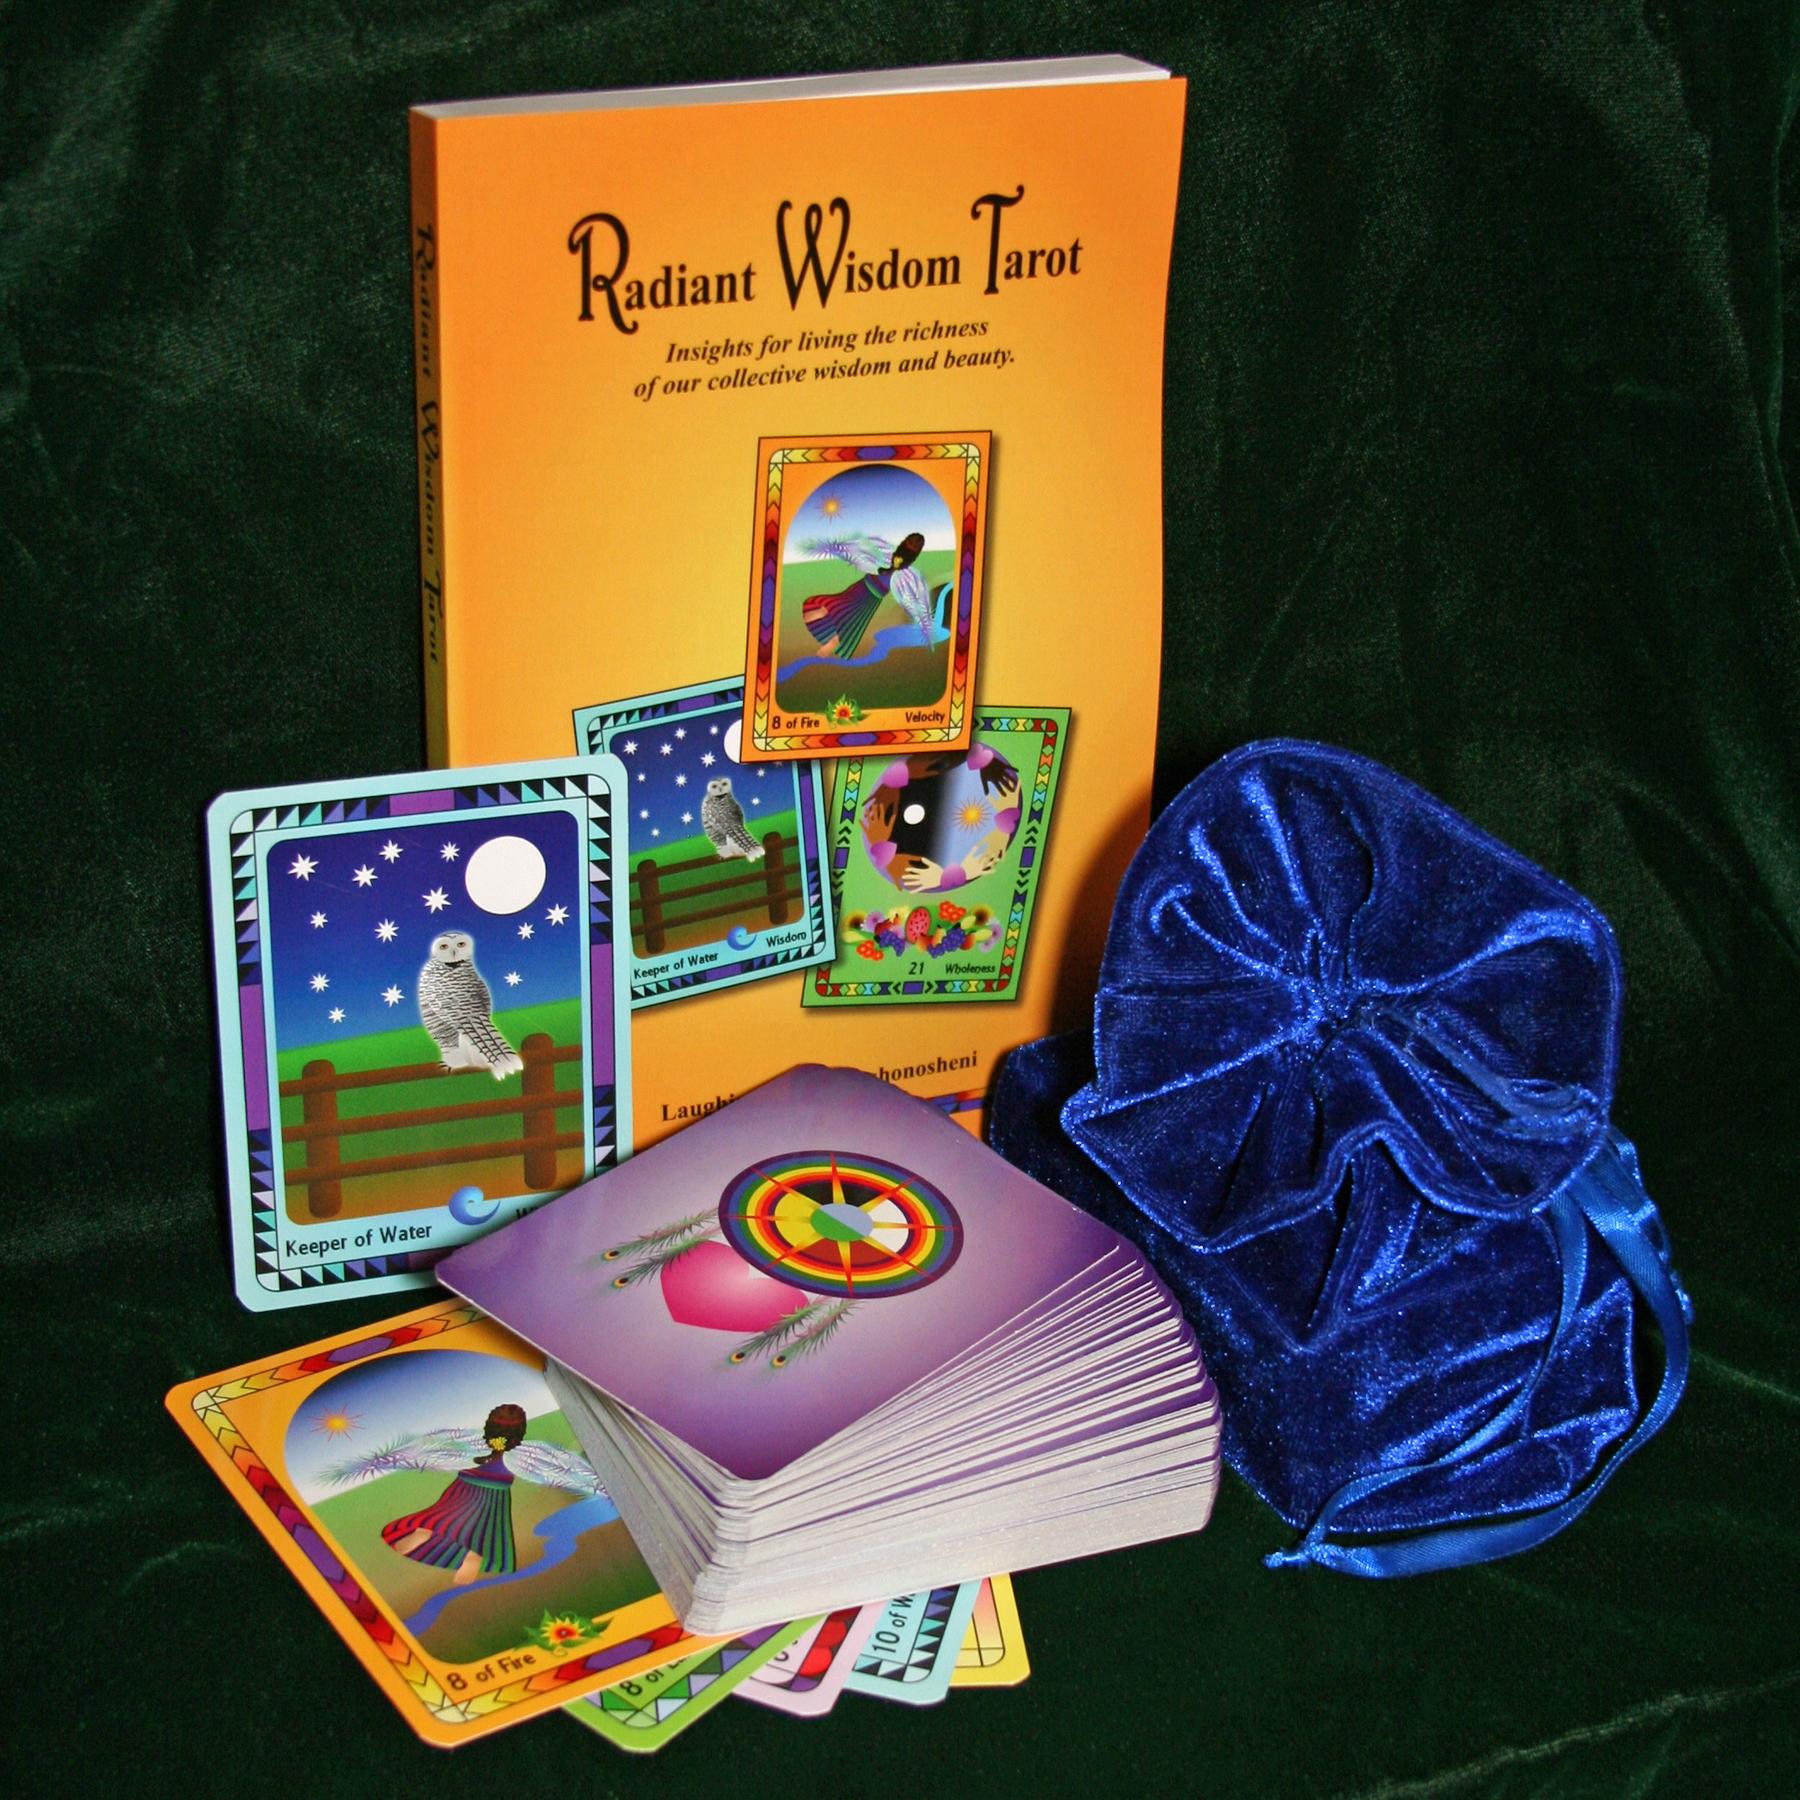 Radiant Wisdom Tarot